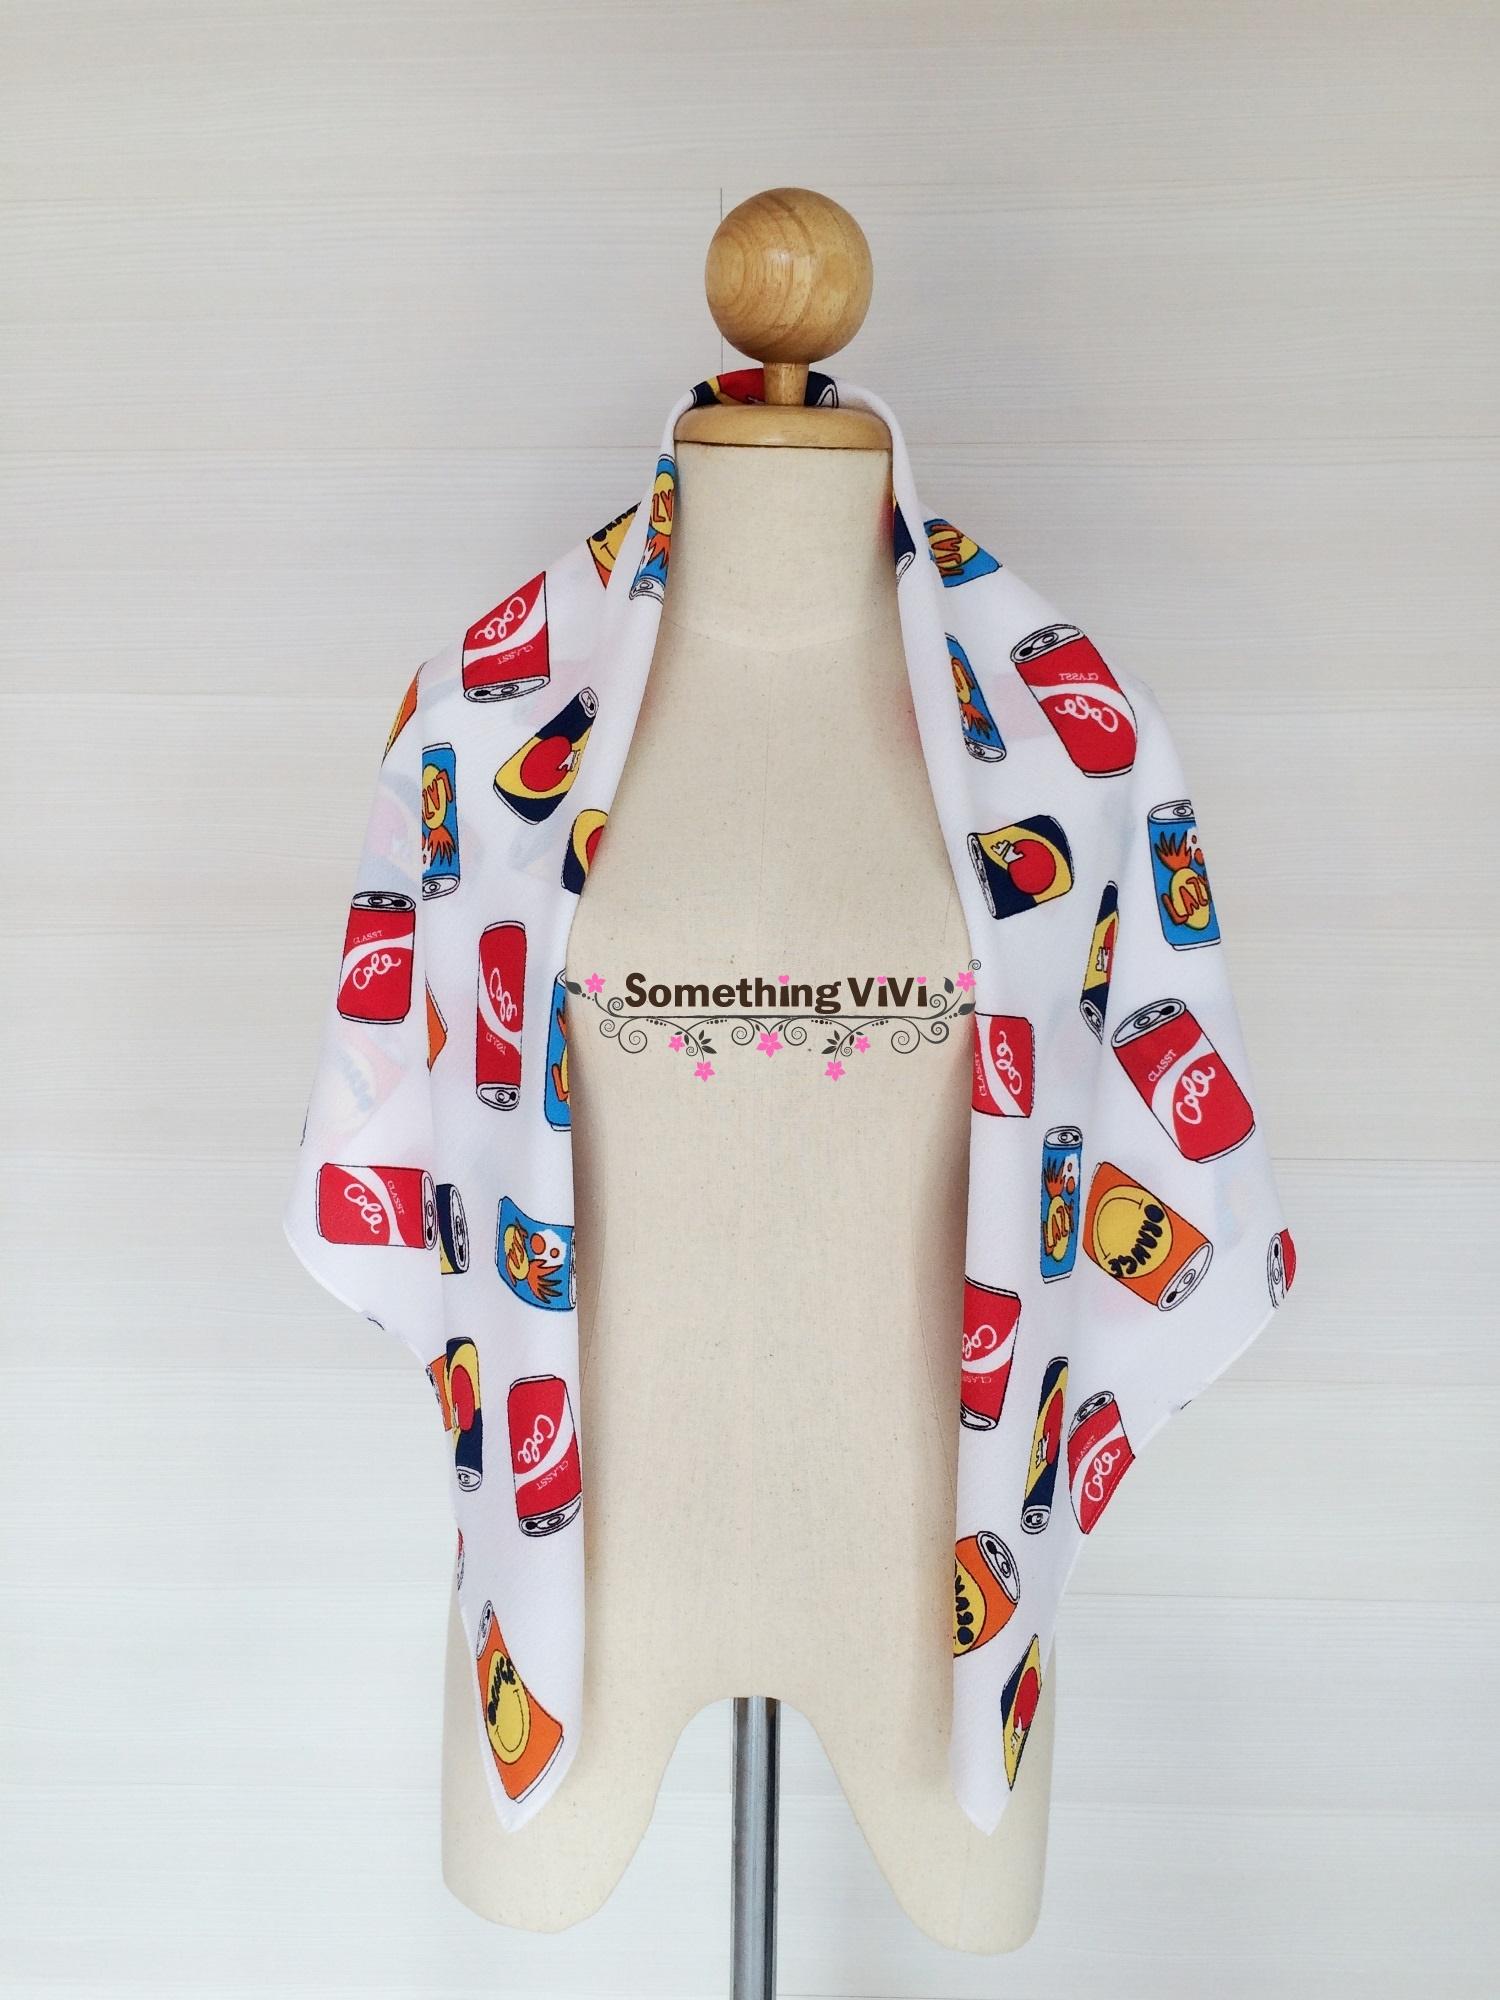 ผ้าพันคอ/ผ้าคลุมไหล่/ผ้าคลุมให้นม รุ่น Soda Lover (Size L) สี Creme Soda ว้าวผ้าพันคอลายกระป๋อง เท่มาก สำหรับคนที่เท่ๆ มีสไตล์ ไม่ซ้ำแบบใคร เป็นผ้าที่อัดไปด้วยกระป๋องเต็มไปหมด ทำให้เห็นคุณค่าและความสำคัญของกระป๋องมากขึ้น ดูมีประโยชน์มากมายเลยทีเดียว เท่มา